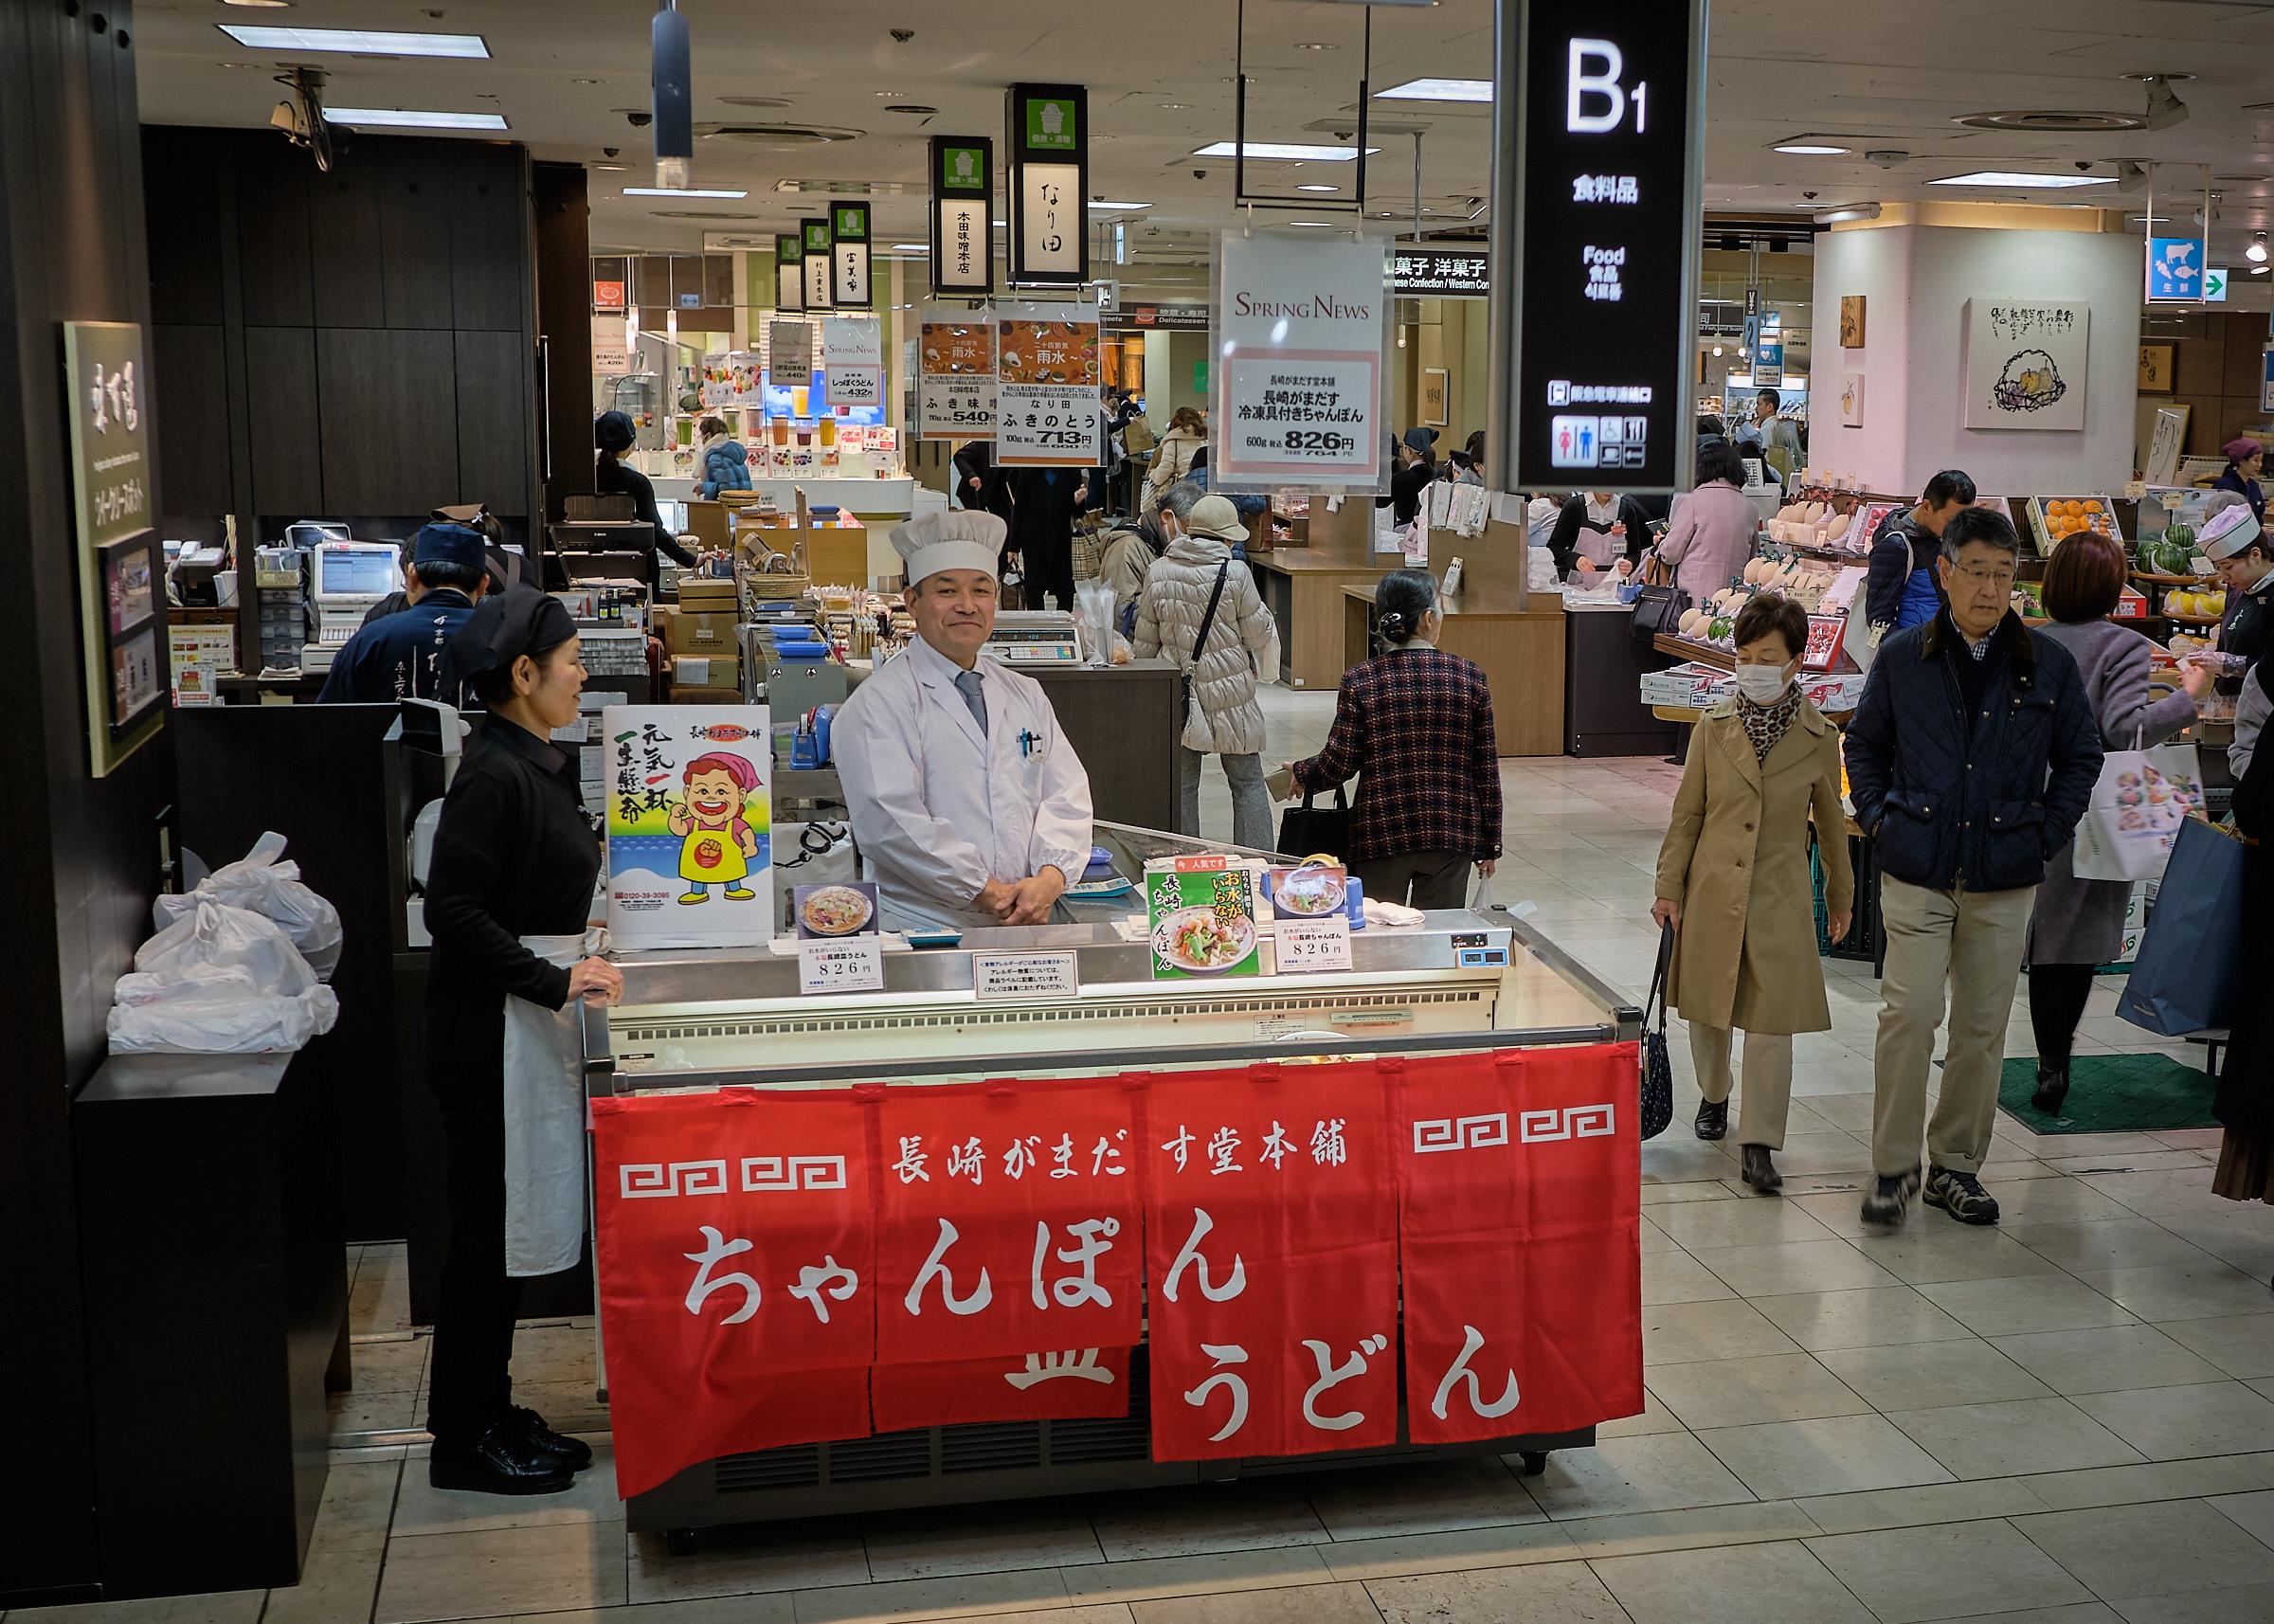 20190304-japan_276.jpg